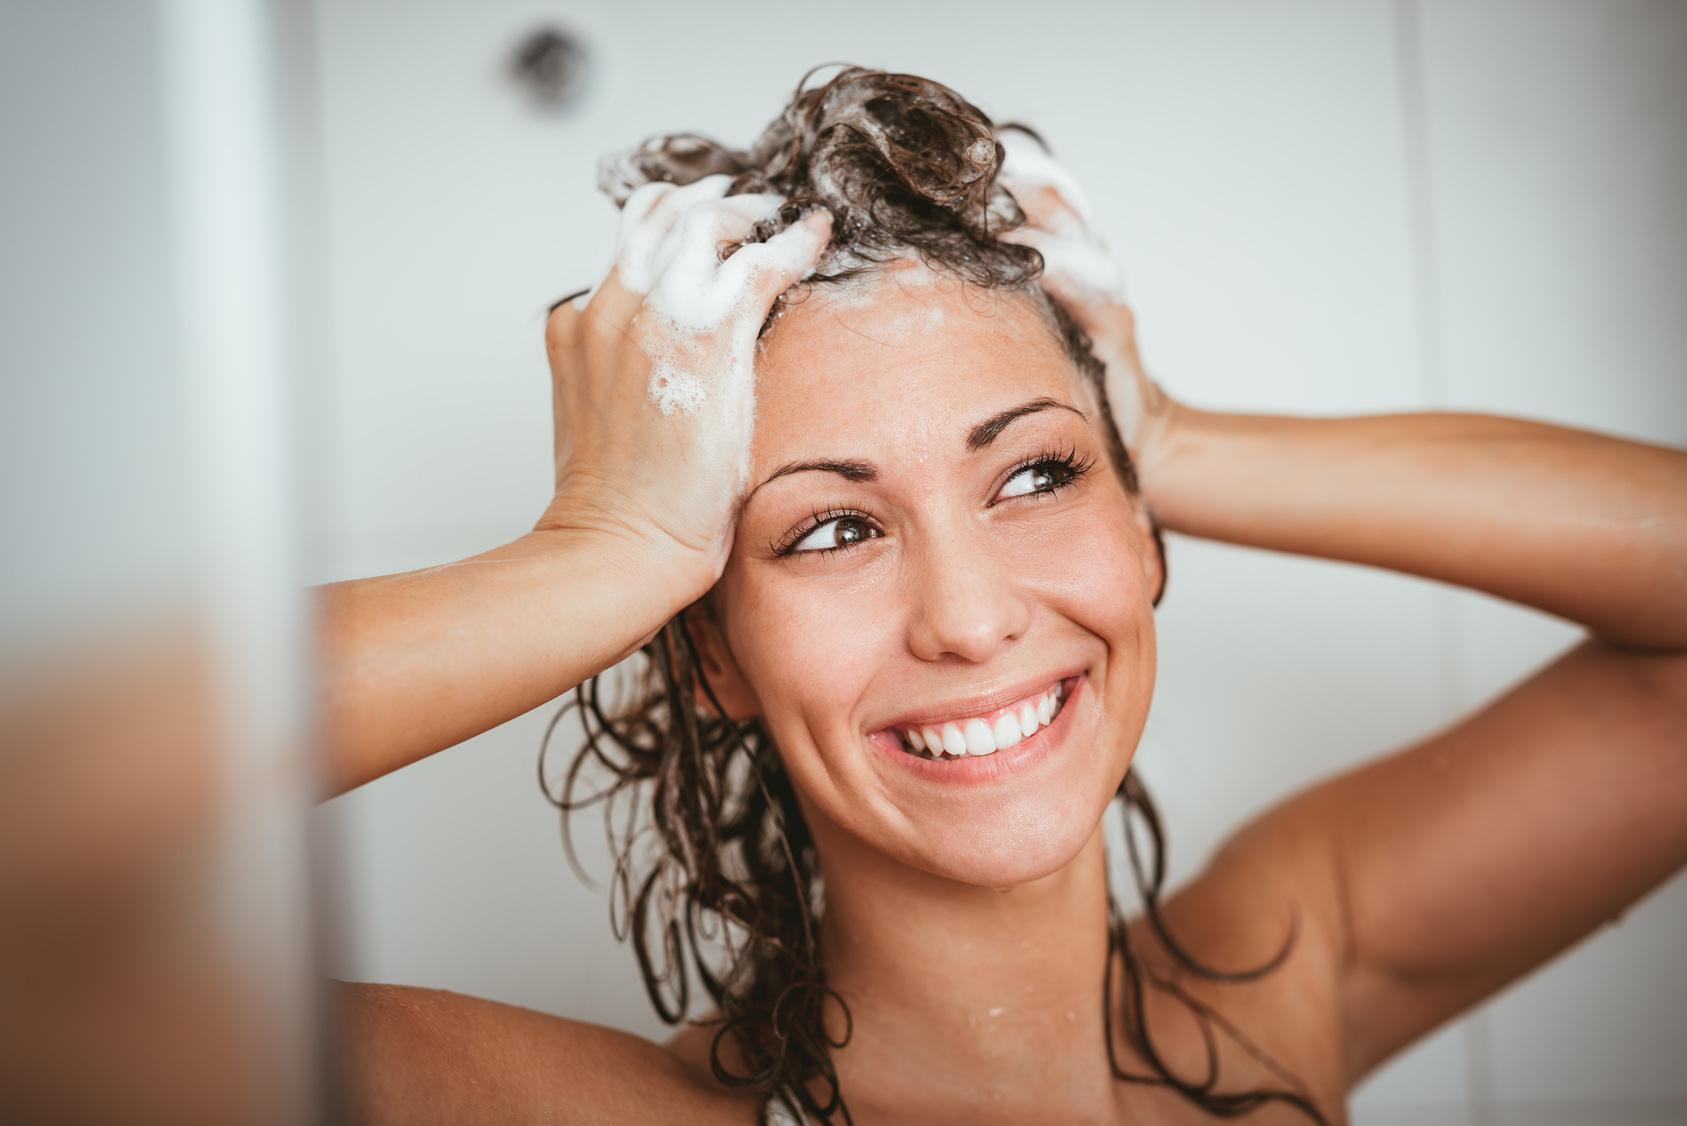 czy ściąć włosy gdy wypadają